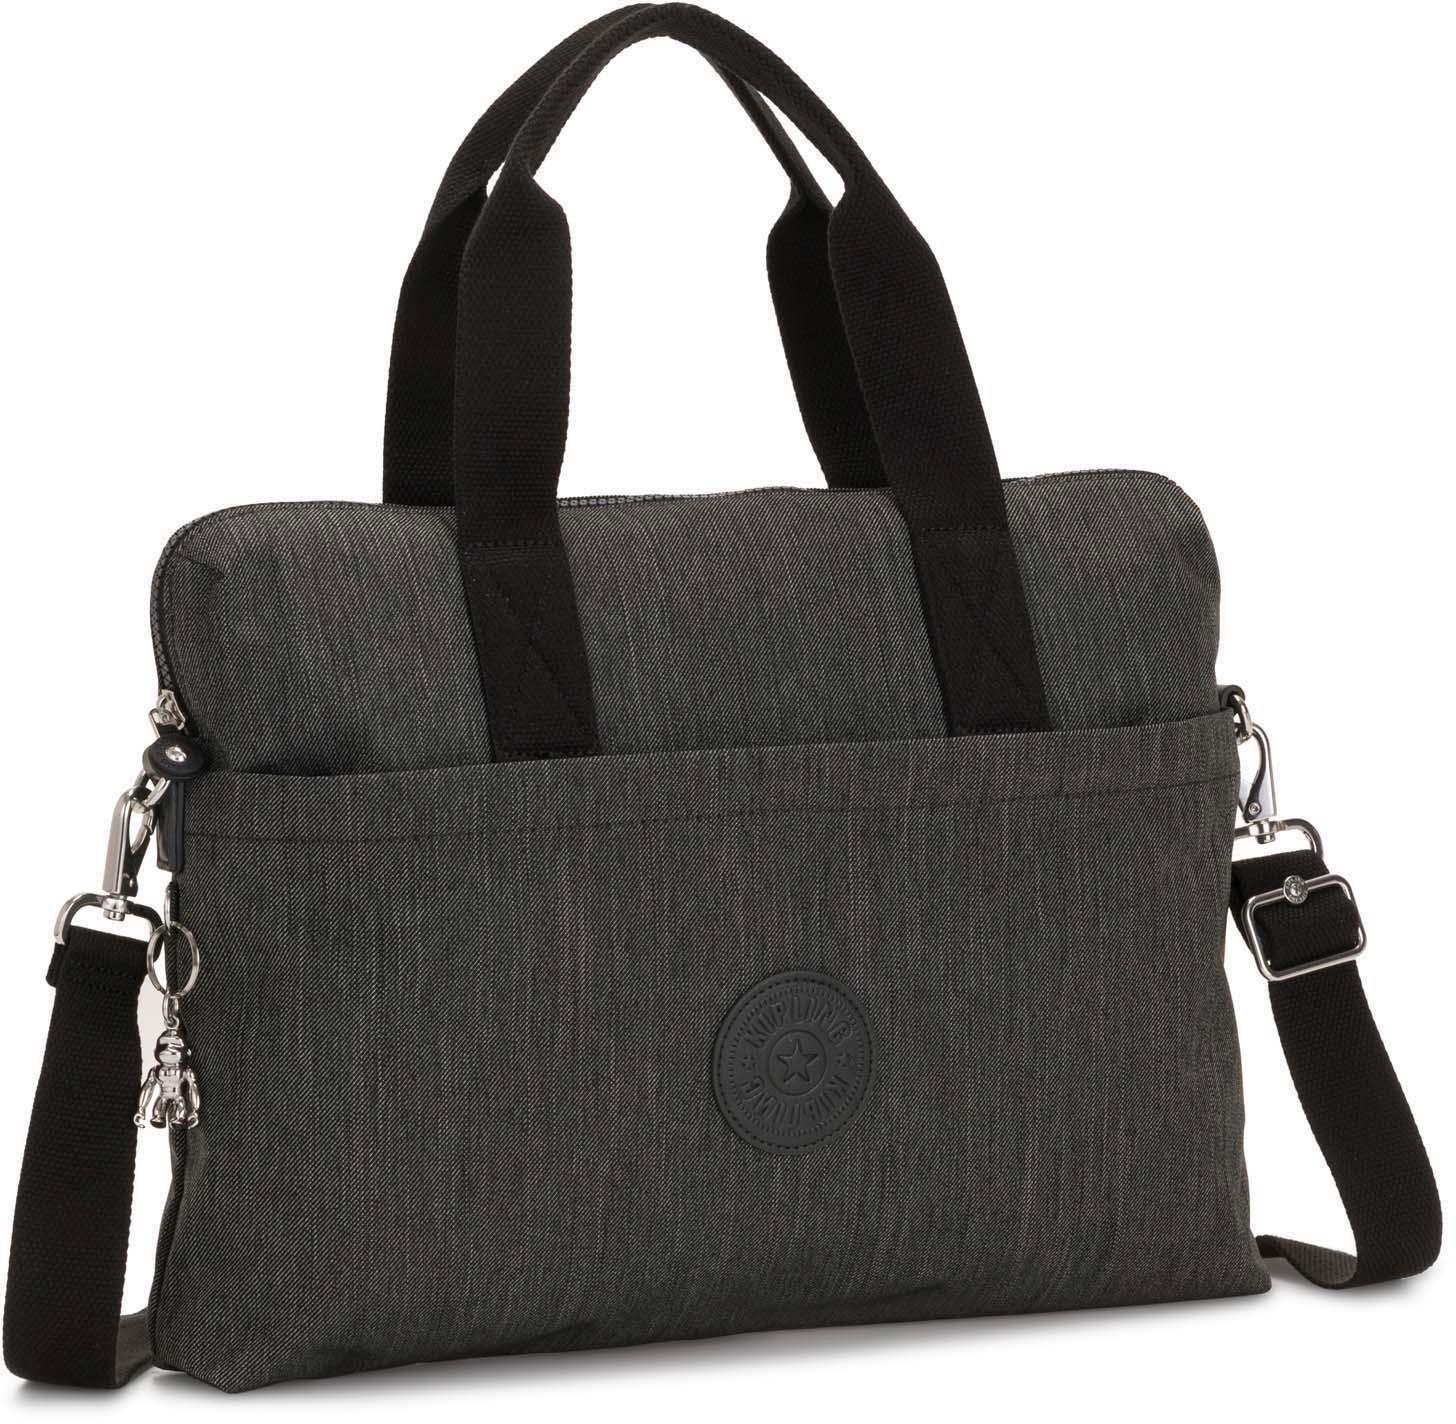 Kipling laptoptas »Elsil, Black Indigo« bestellen: 14 dagen bedenktijd